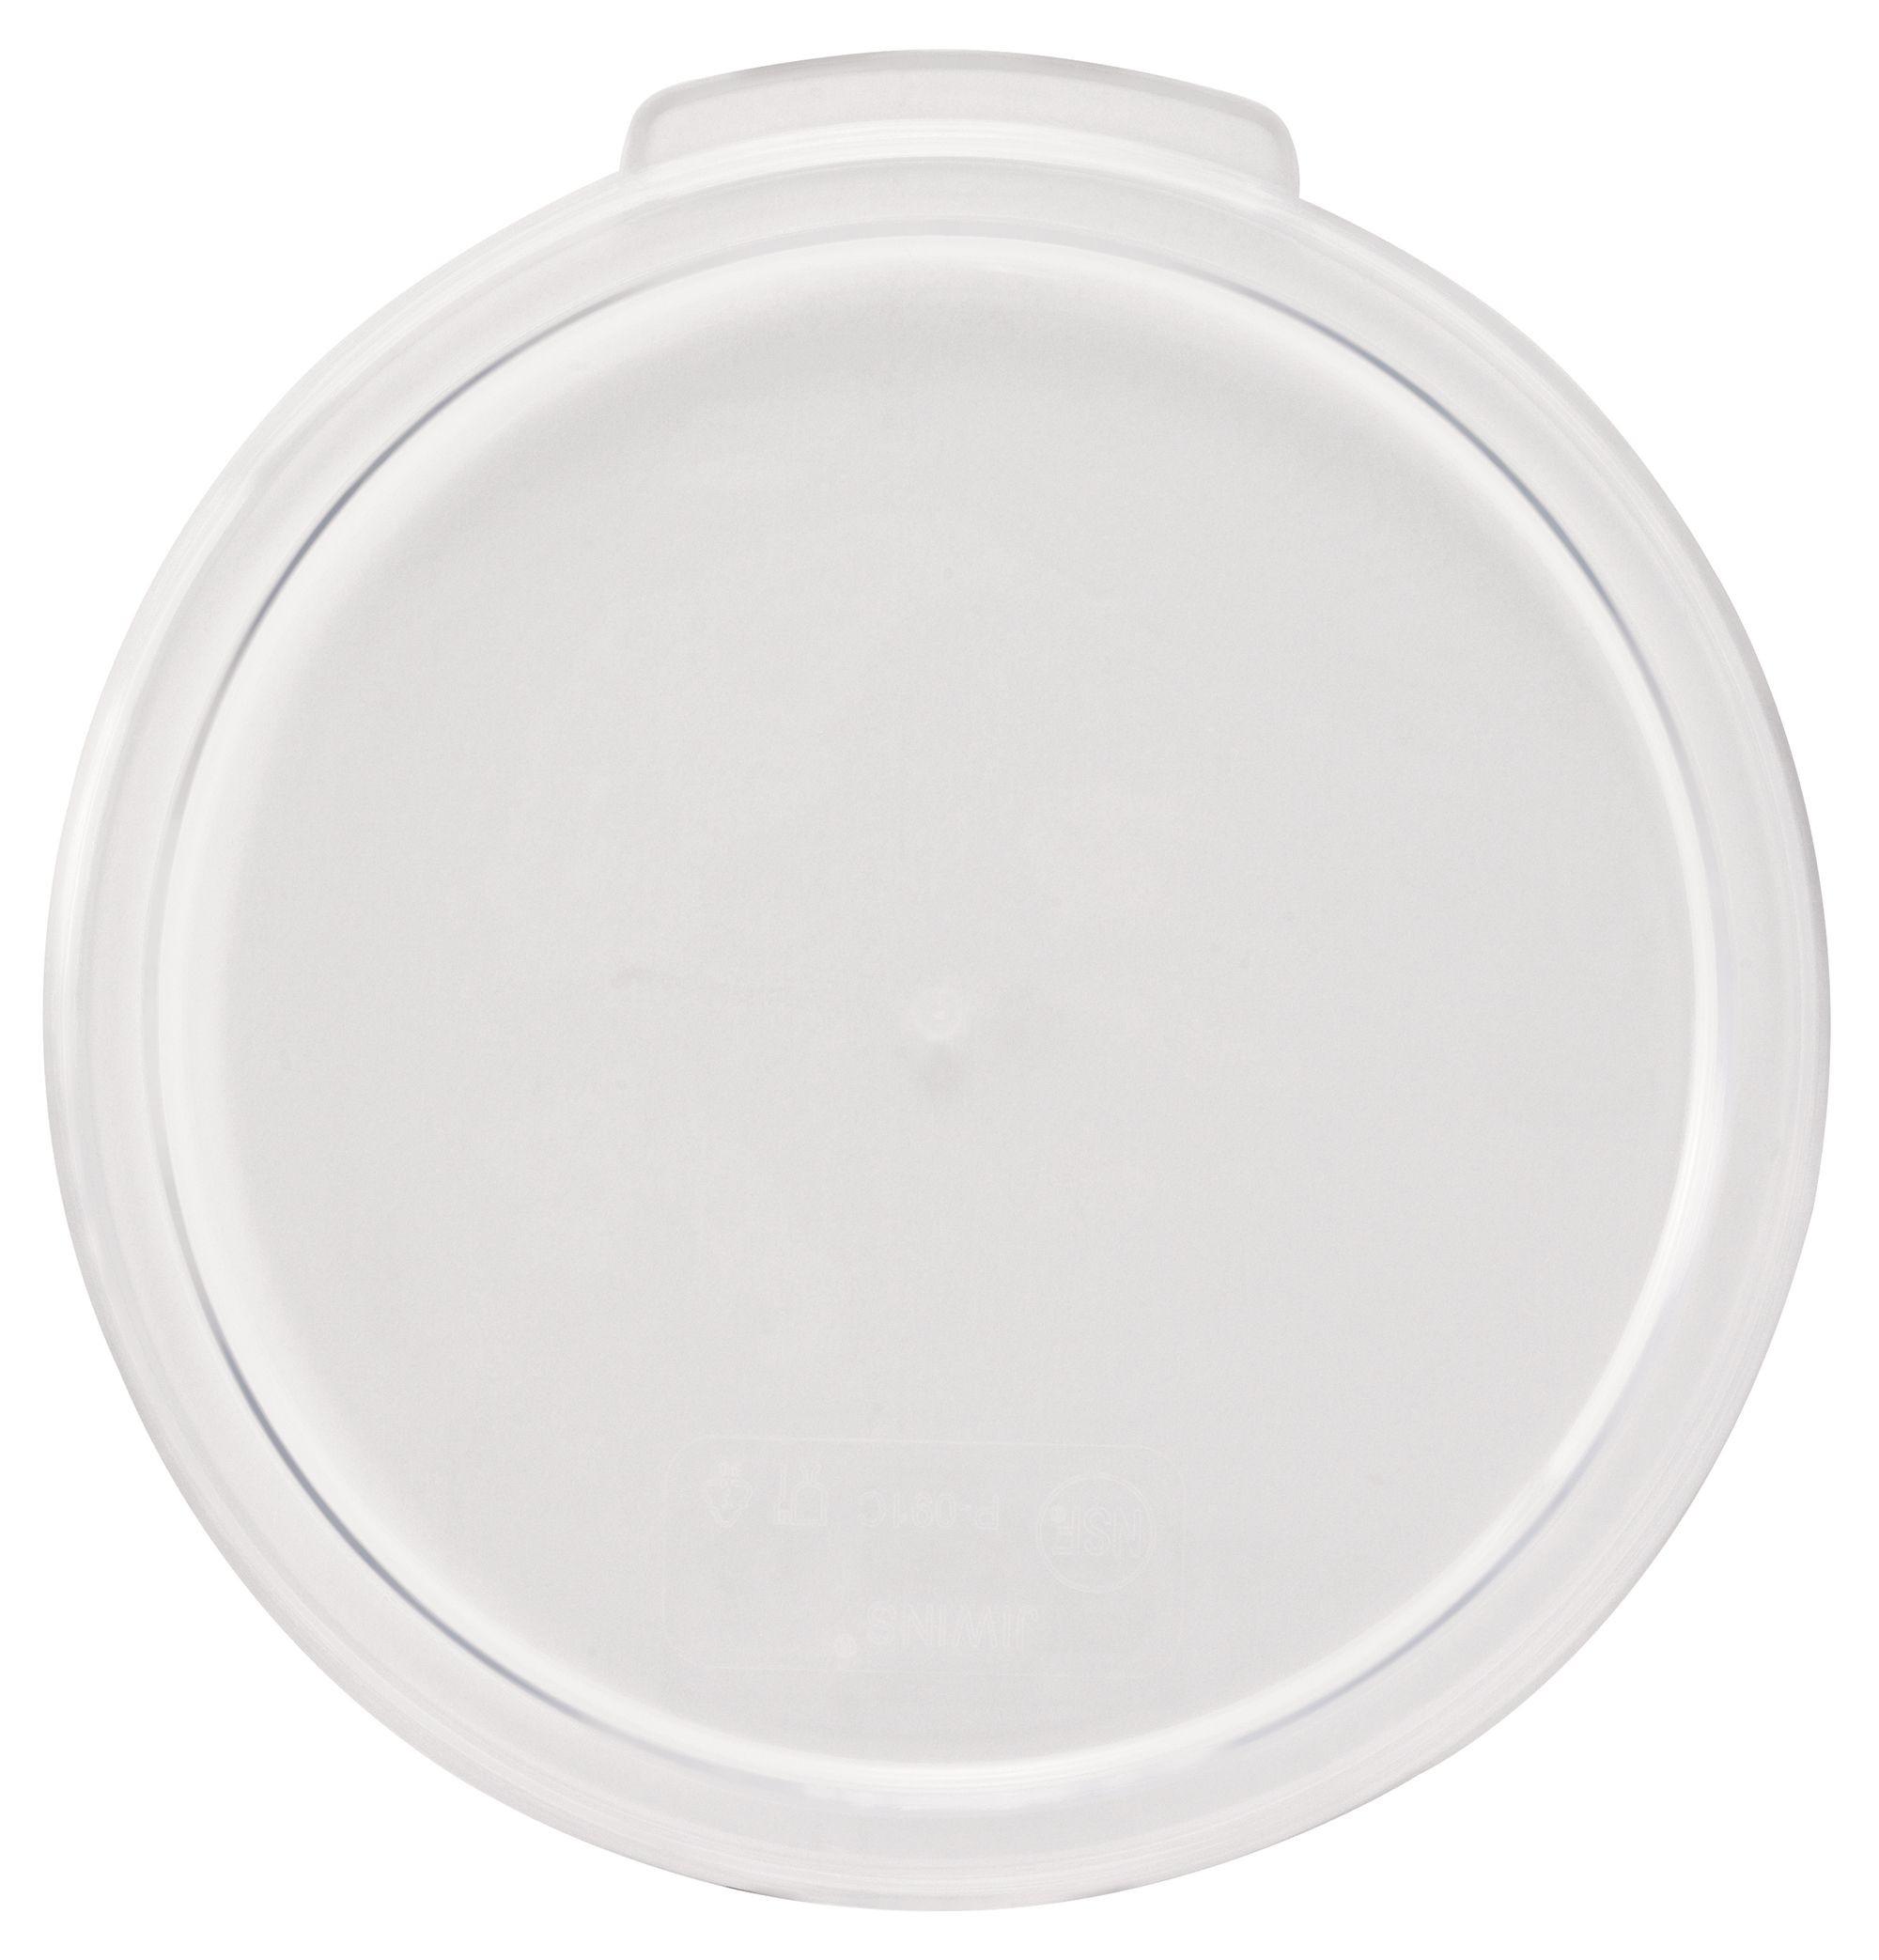 Winco PCRC-24C Round Polycarbonate Cover, Fits 2 & 4 Qt.